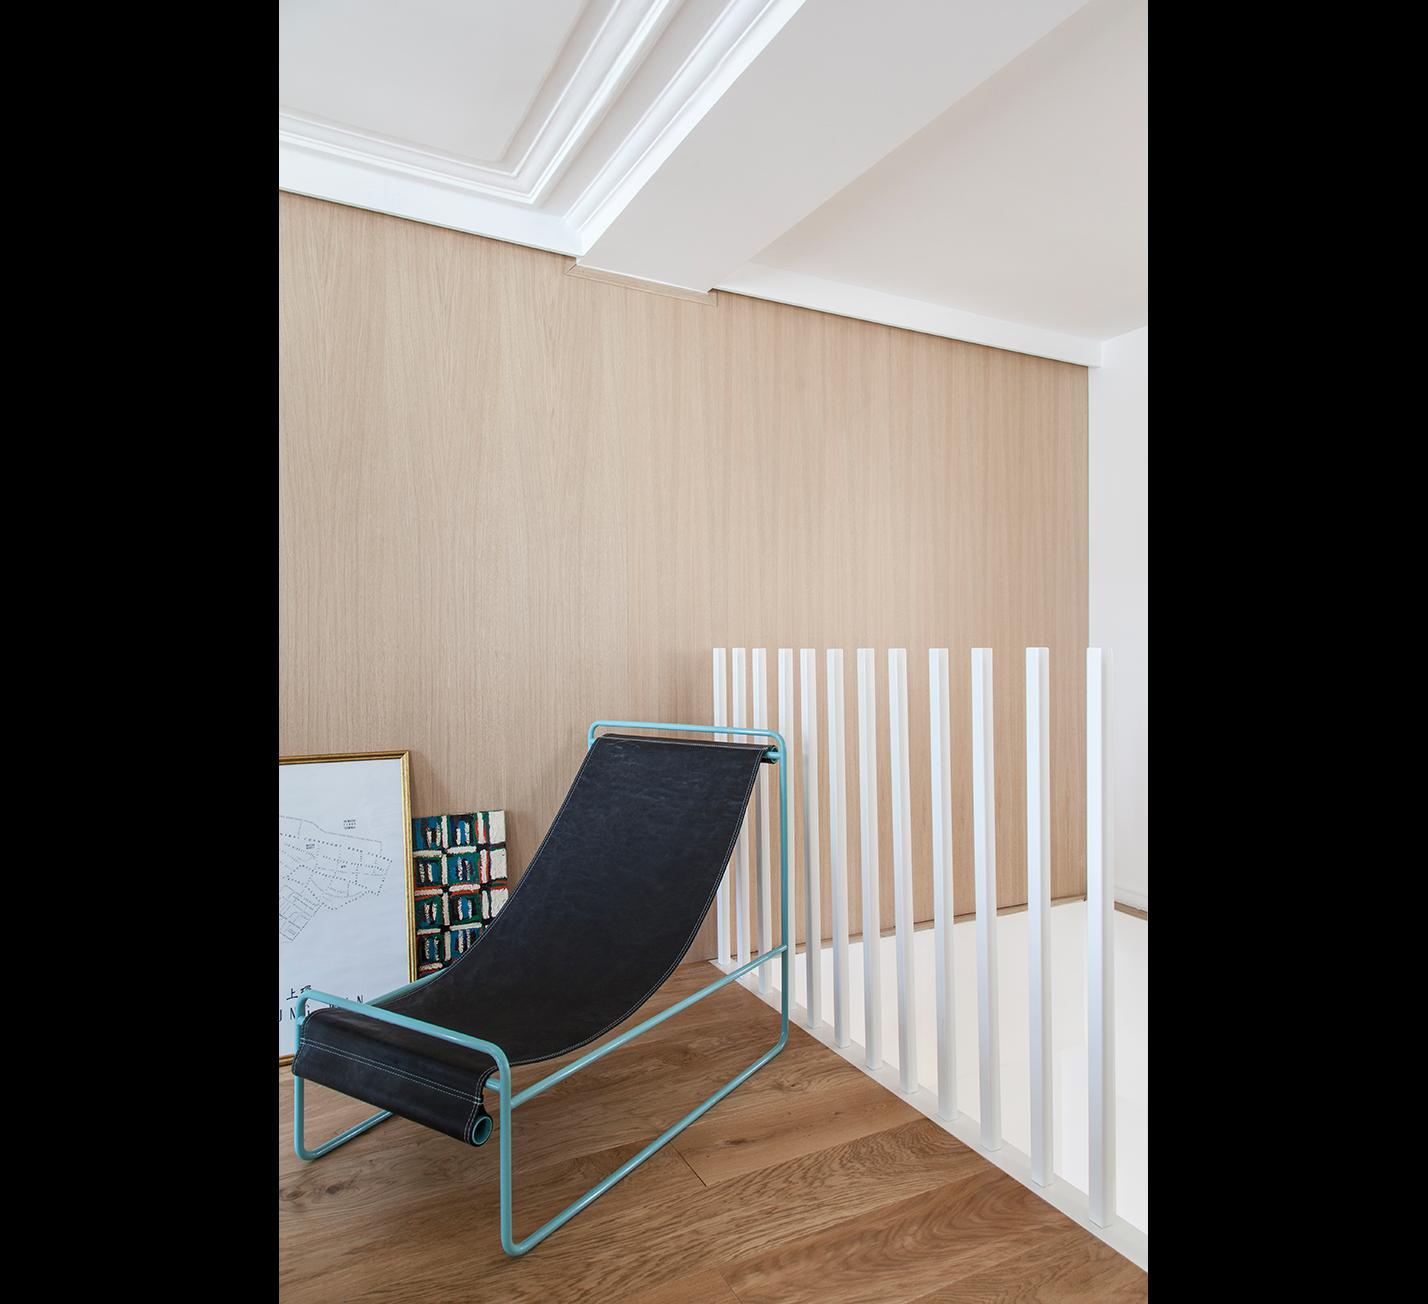 Projet-Pigalle-Atelier-Steve-Pauline-Borgia-Architecture-interieur-12